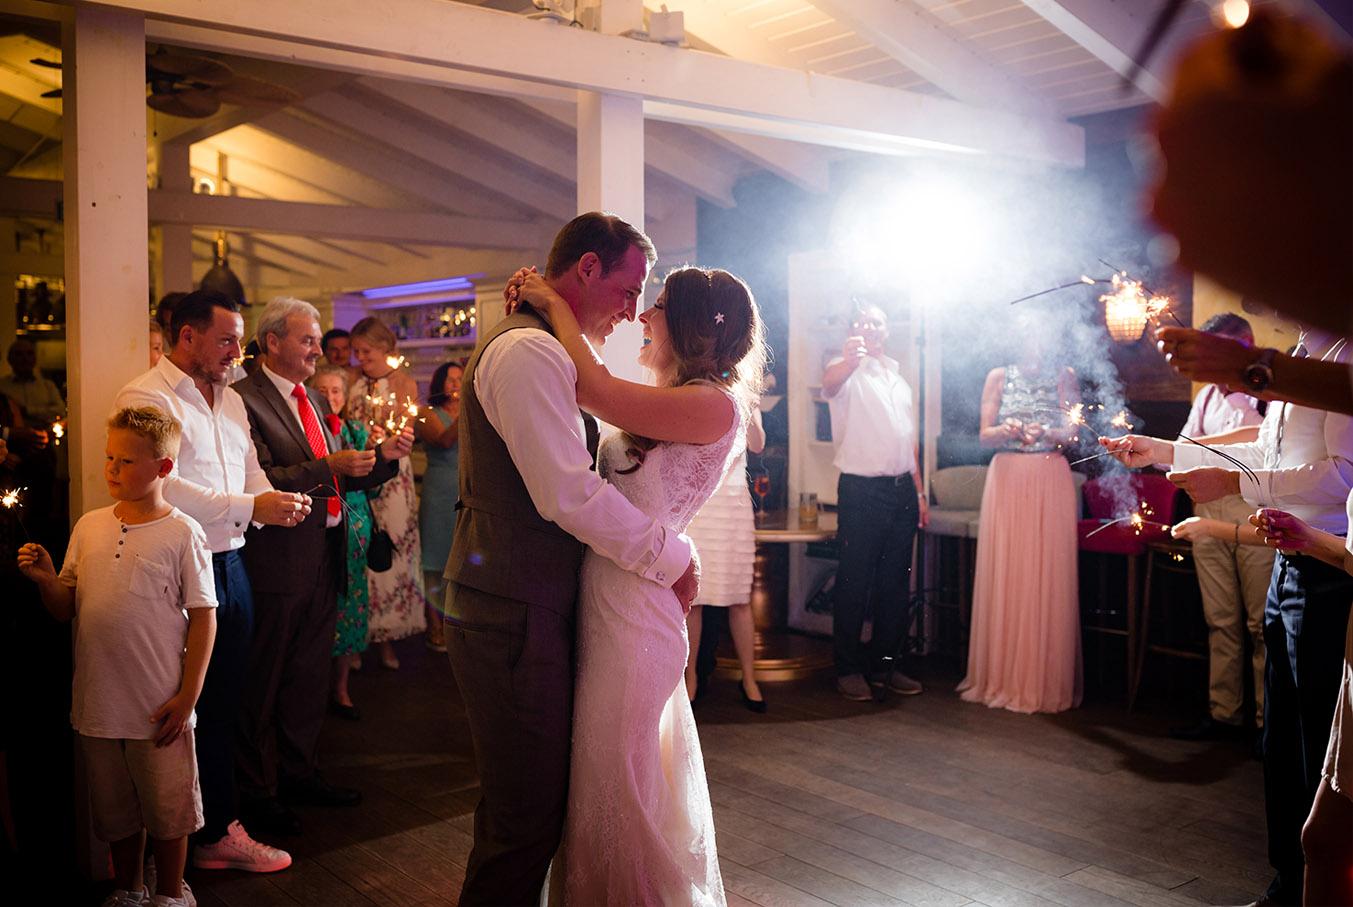 Vienna_Wien_Atzenbrugg_Hochzeit_Paar_Verlobung_Engagement_72